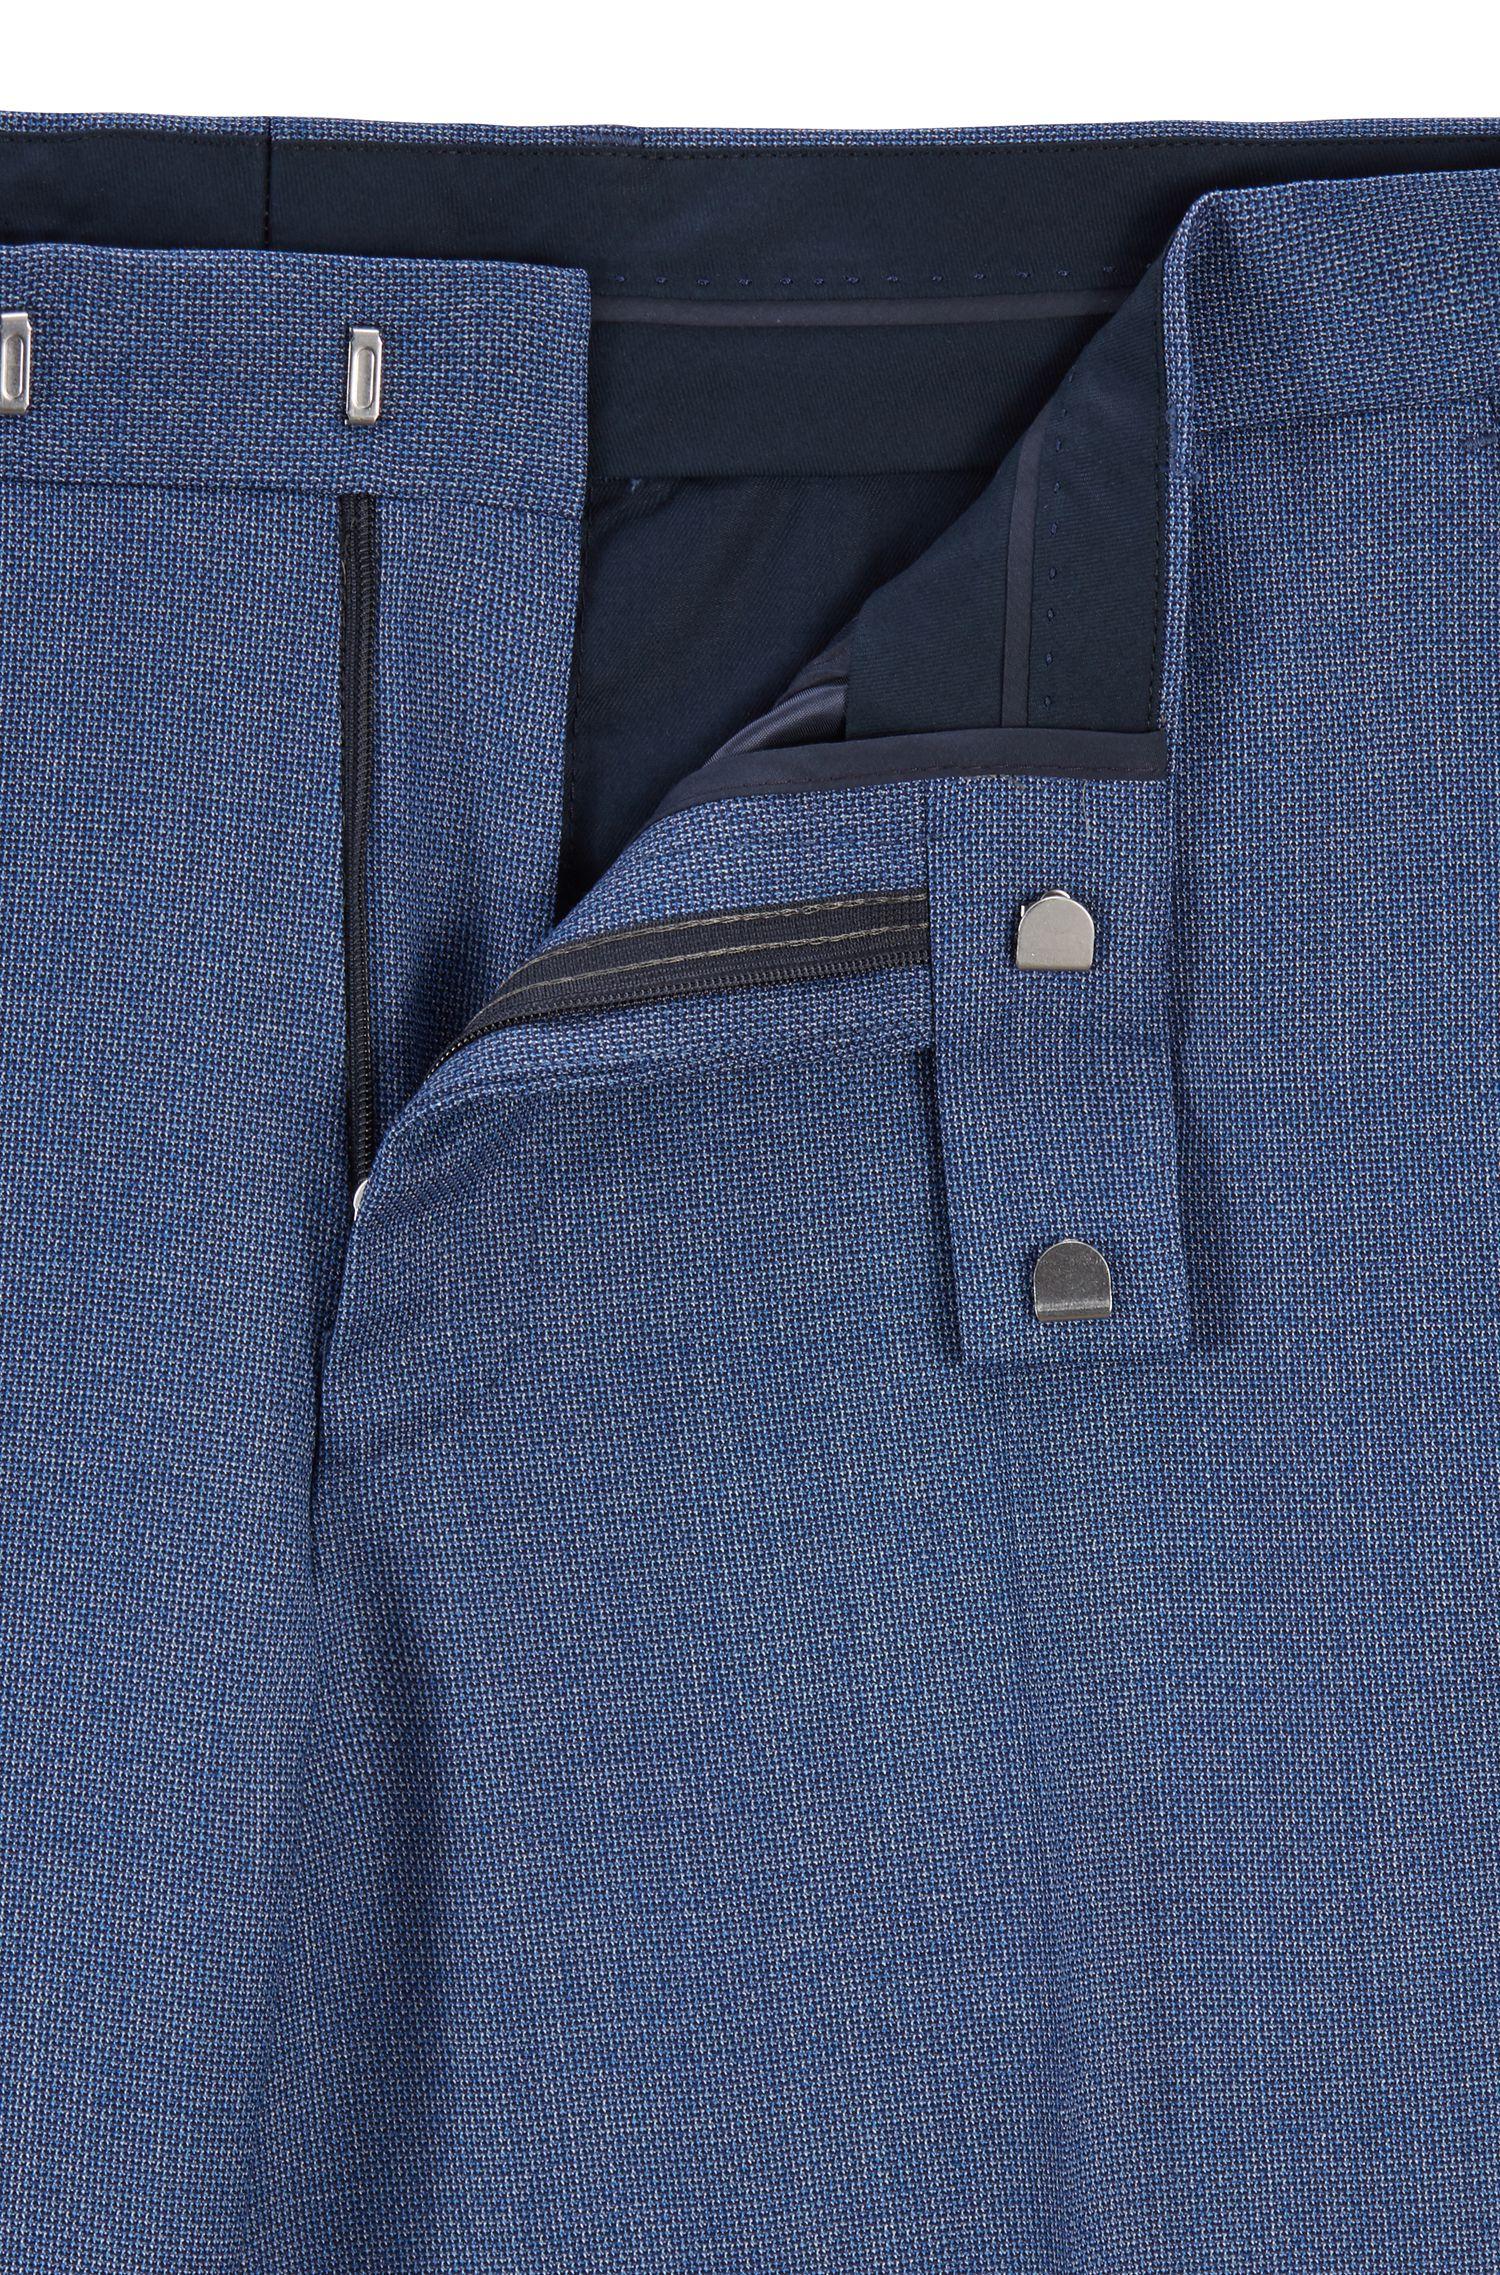 Dezent gemusterter Regular-Fit Anzug aus Schurwolle, Dunkelblau